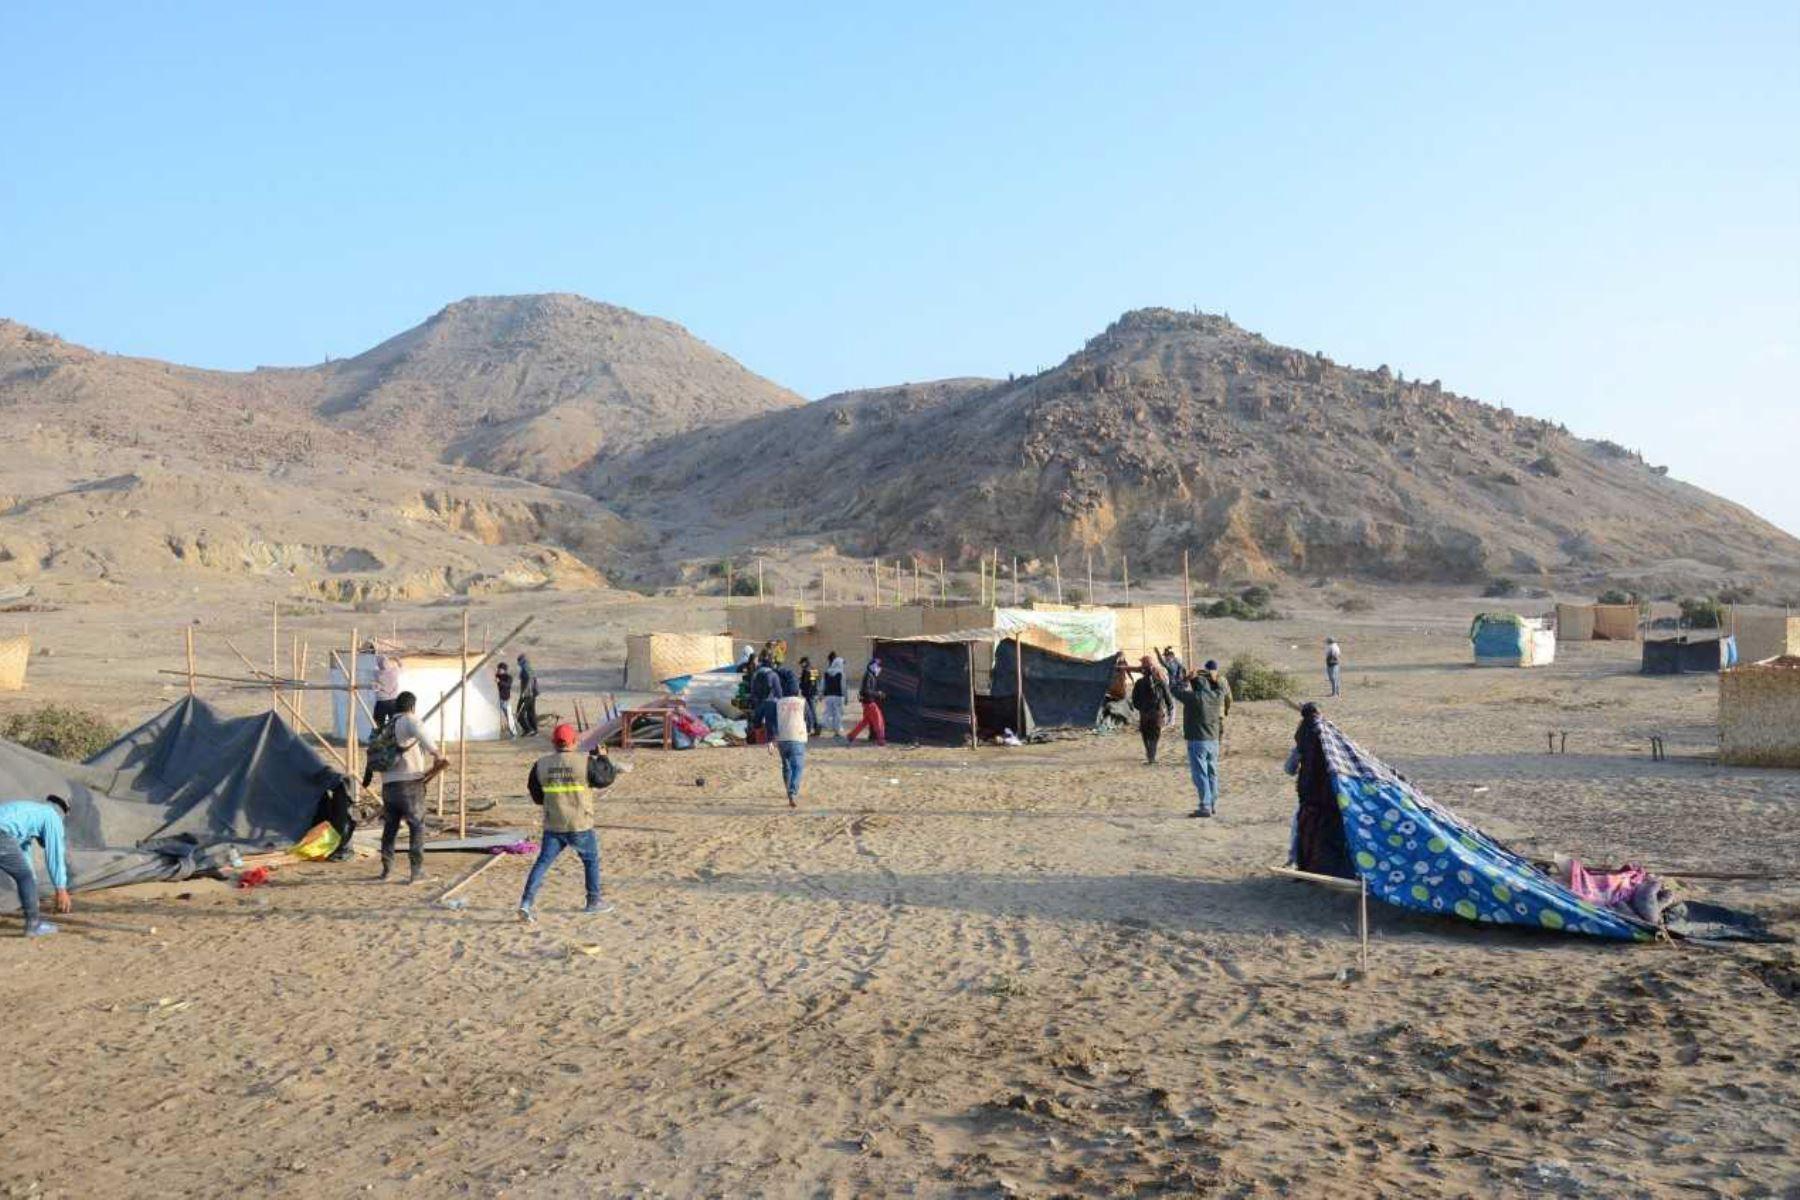 Alrededor de 50 familias que habían invadido el sitio arqueológico Cerro El Combo, ubicado en el distrito de Pomalca, provincia de Chiclayo, fueron desalojadas por la Unidad Ejecutora 005 Naylamp-Lambayeque, la Dirección Desconcentrada de Cultura y el Museo Tumbas Reales de  Sipán, con el apoyo de la Policía Nacional del Perú.